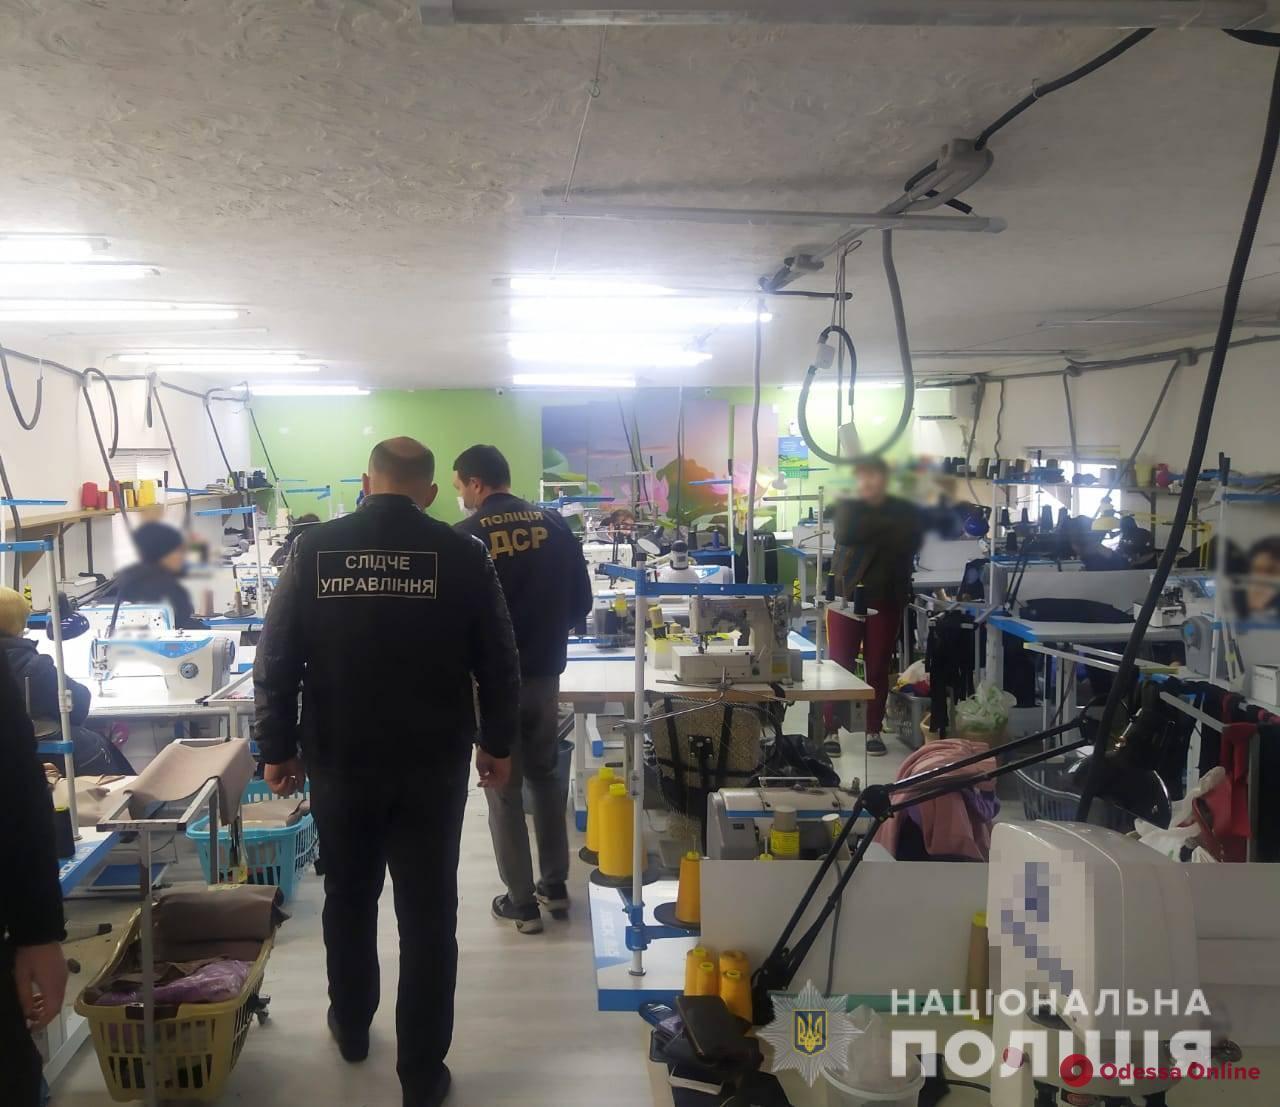 «Семейный бизнес»: под Одессой нашли цеха по пошиву поддельной брендовой одежды